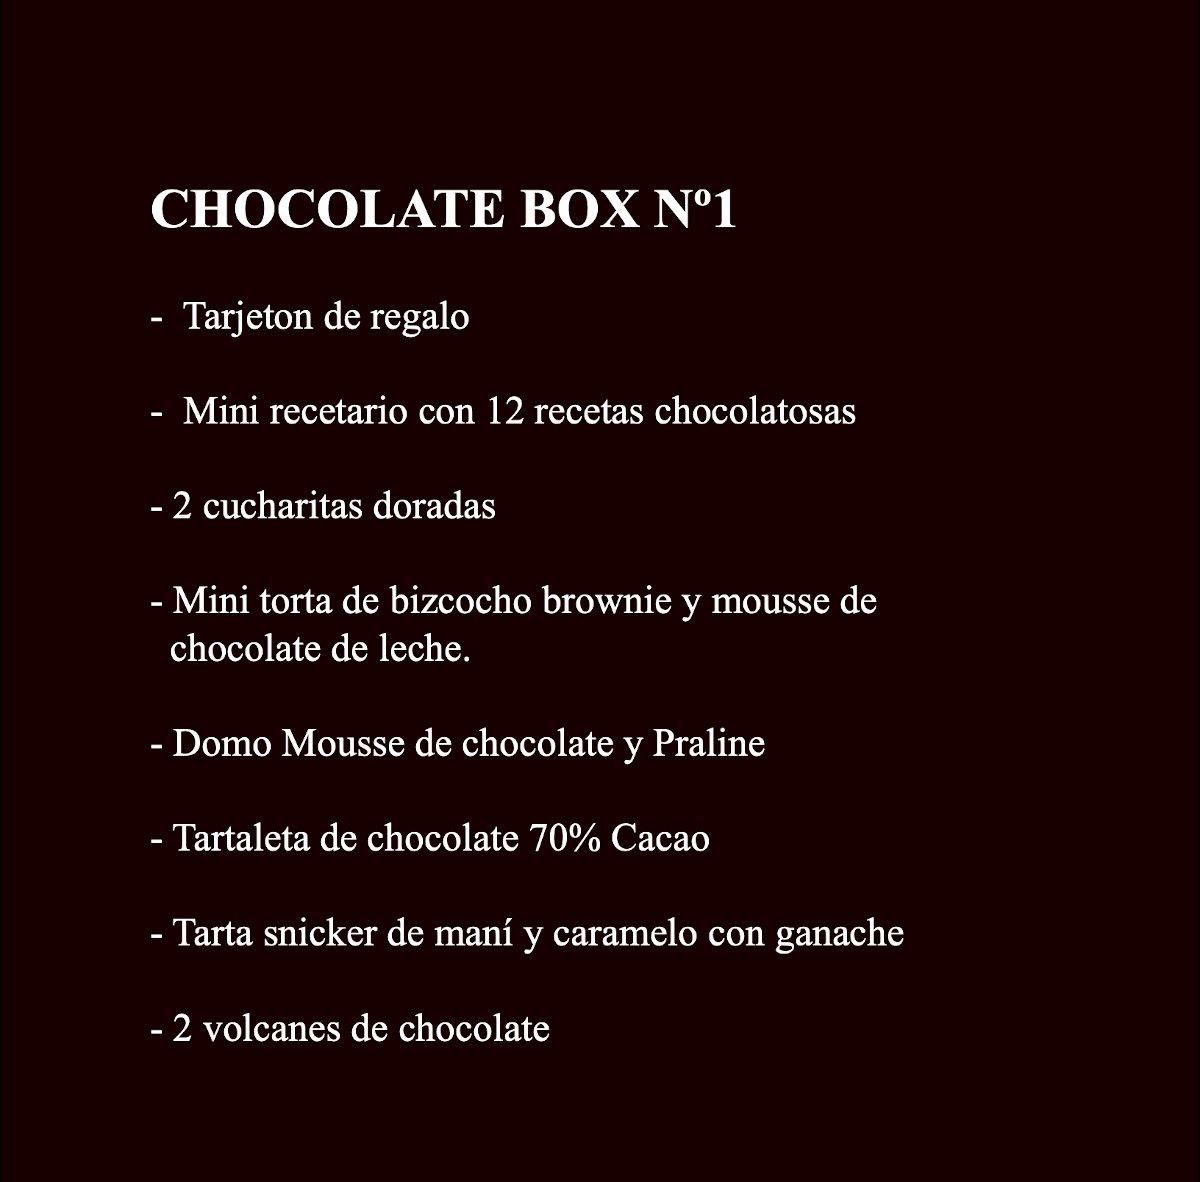 Chocolate Box 1 Contenido